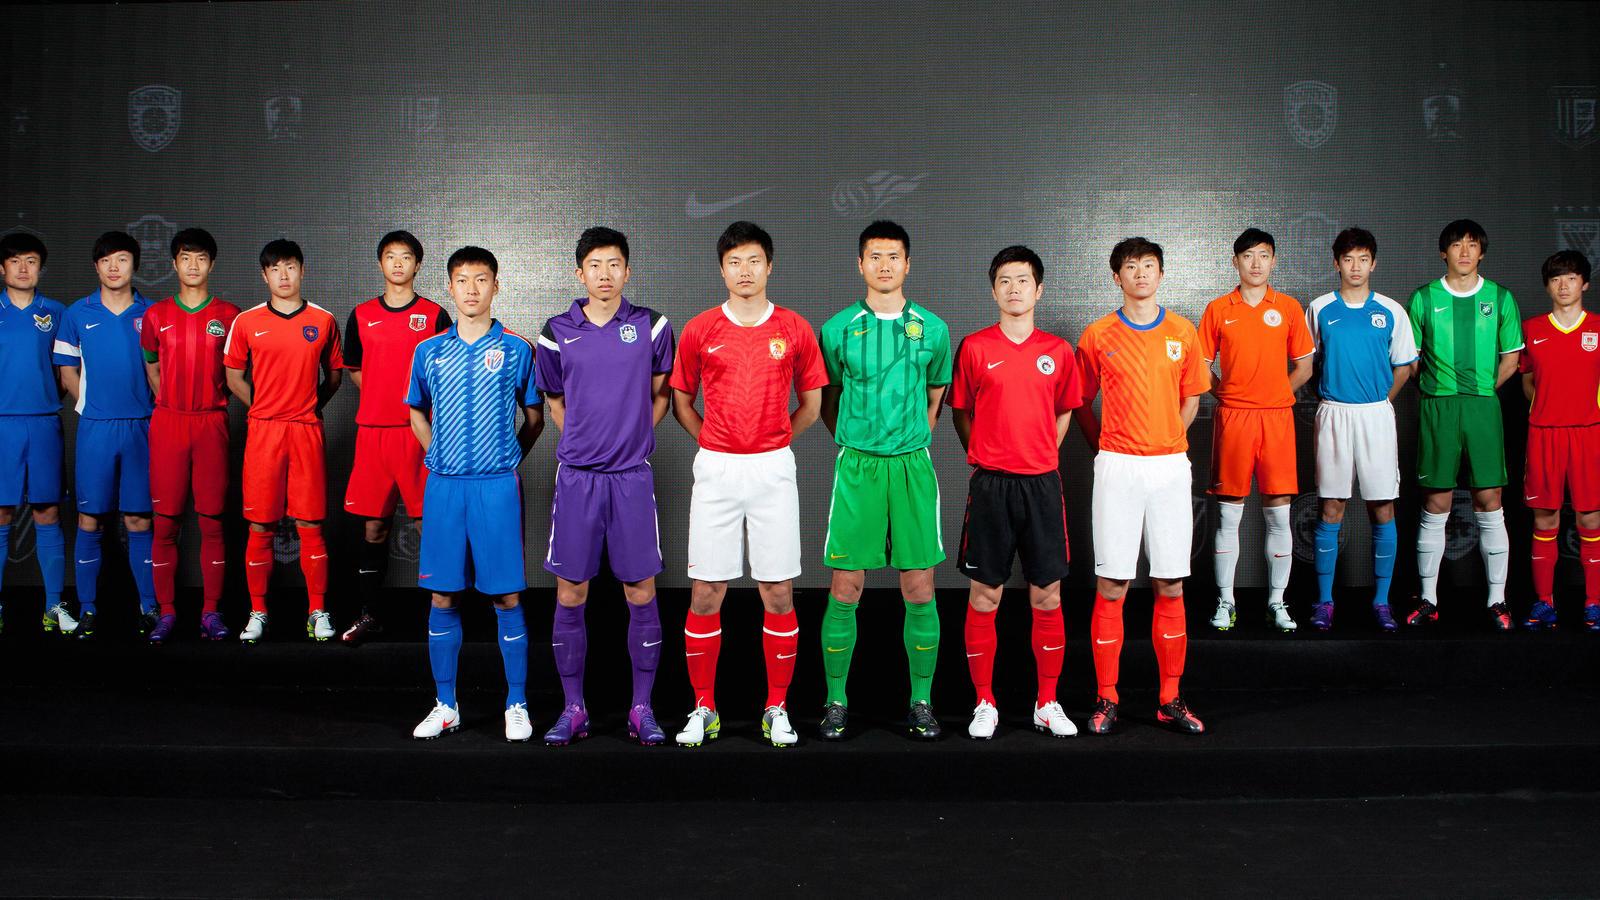 caedd7bde33 China Super League group shot. China Super League group shot.  China Super League group shot. China Super League group shot.  China Super League group shot